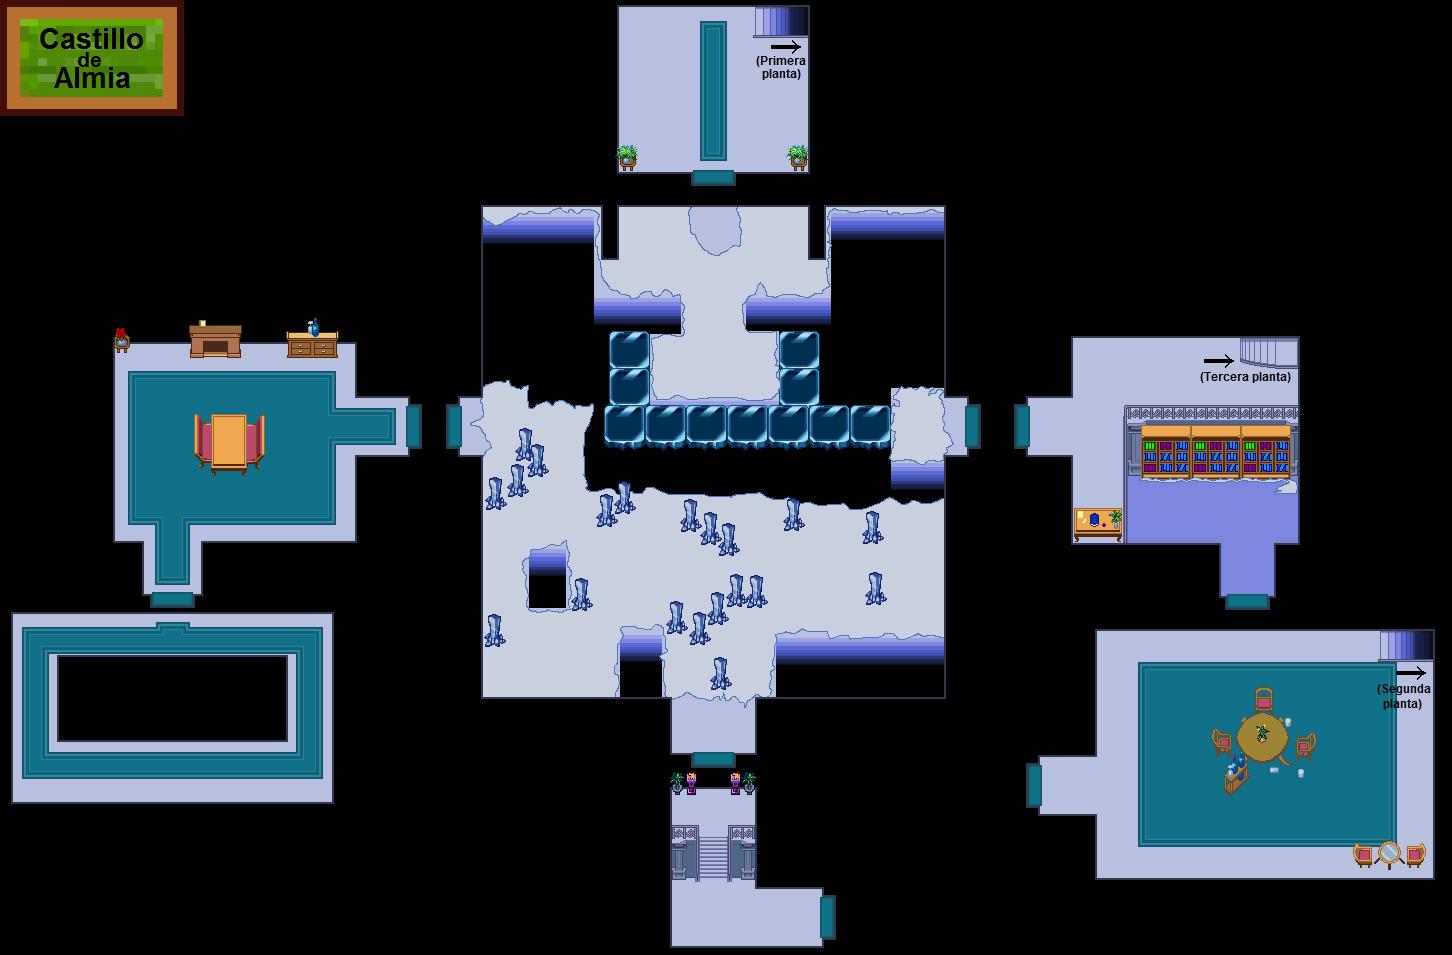 Plano de la segunda planta